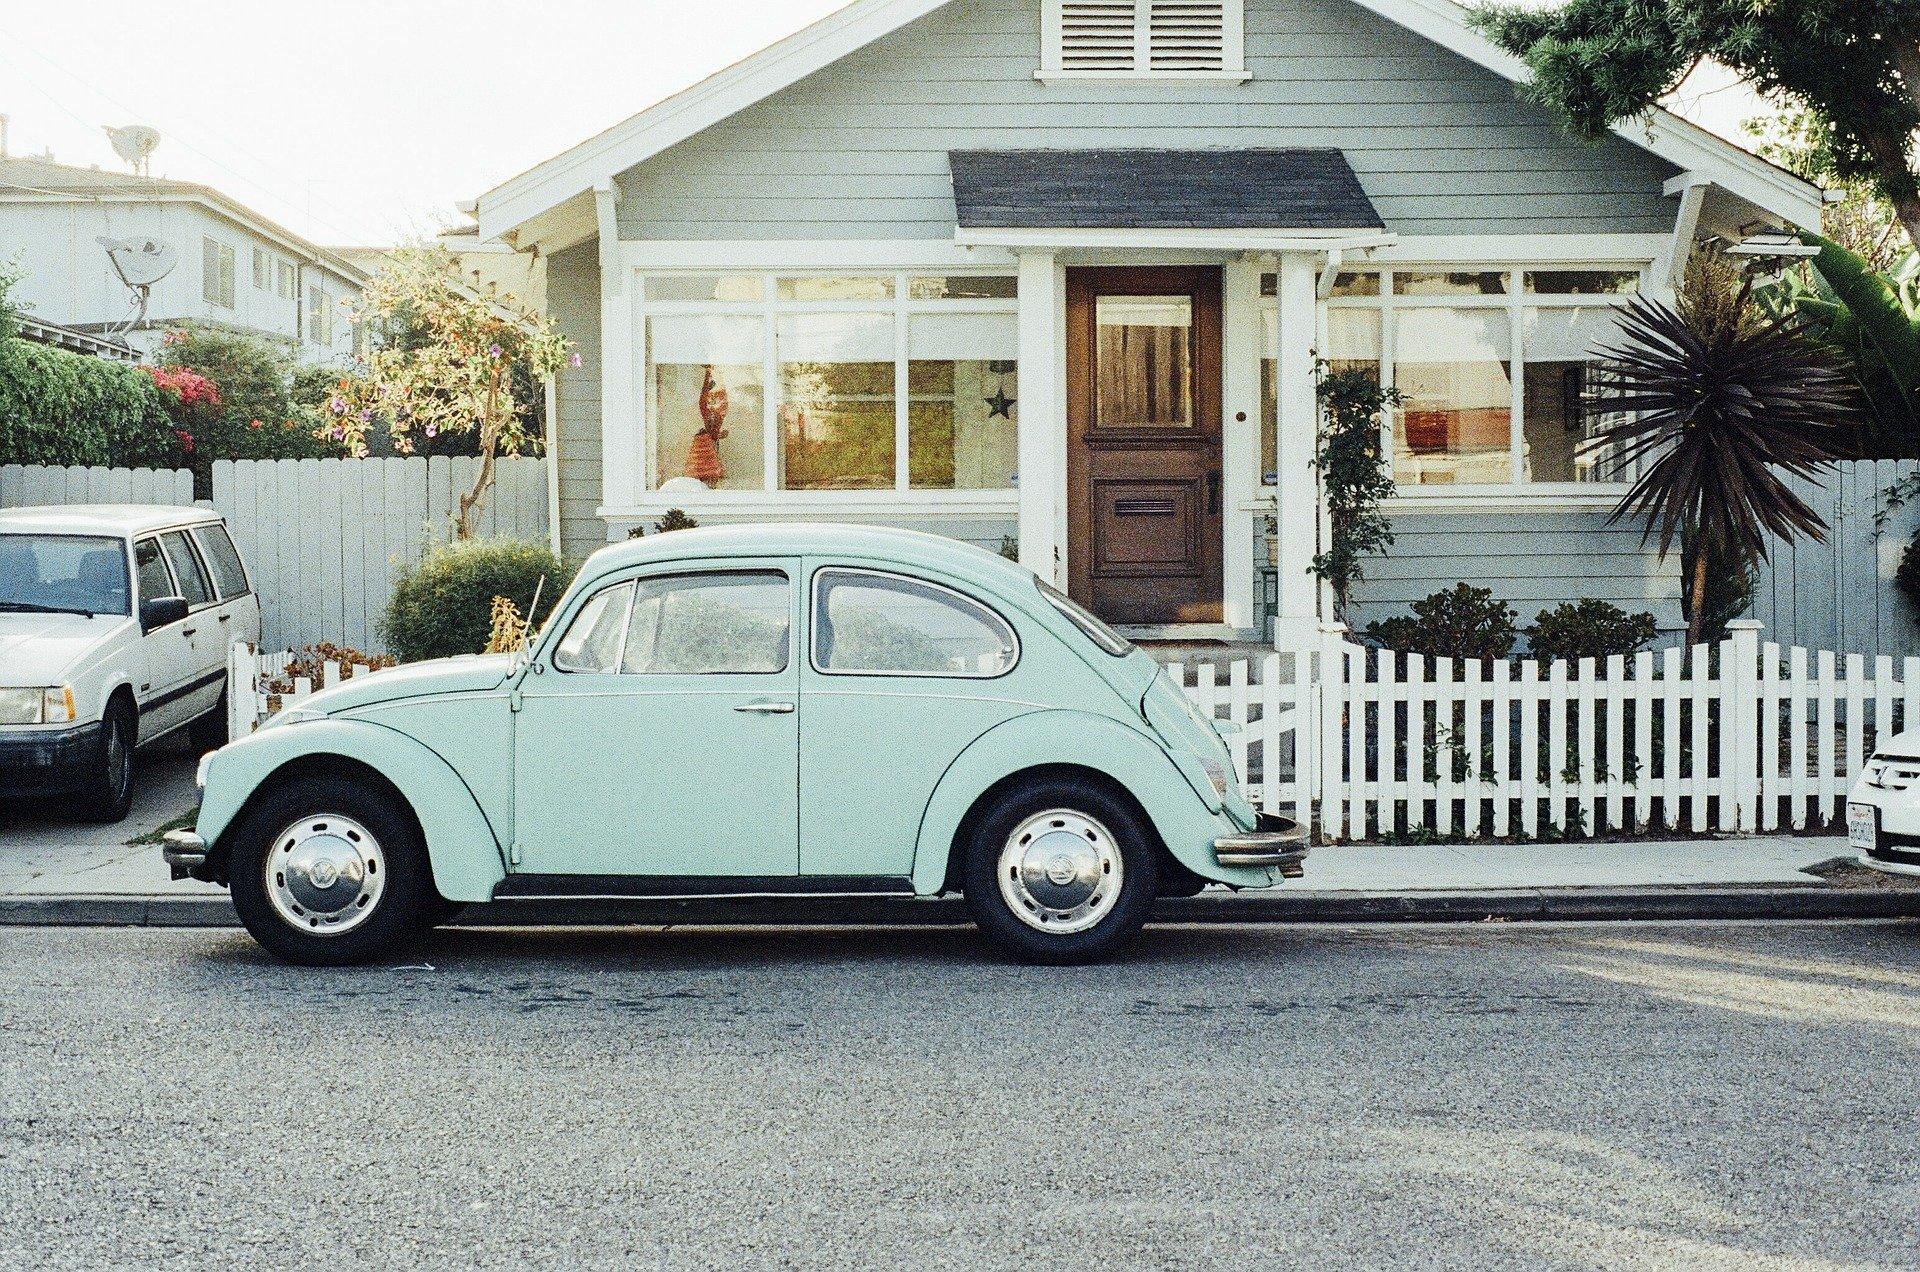 Volkswagen отчитался о росте выручки за стартовый квартал 2021 года